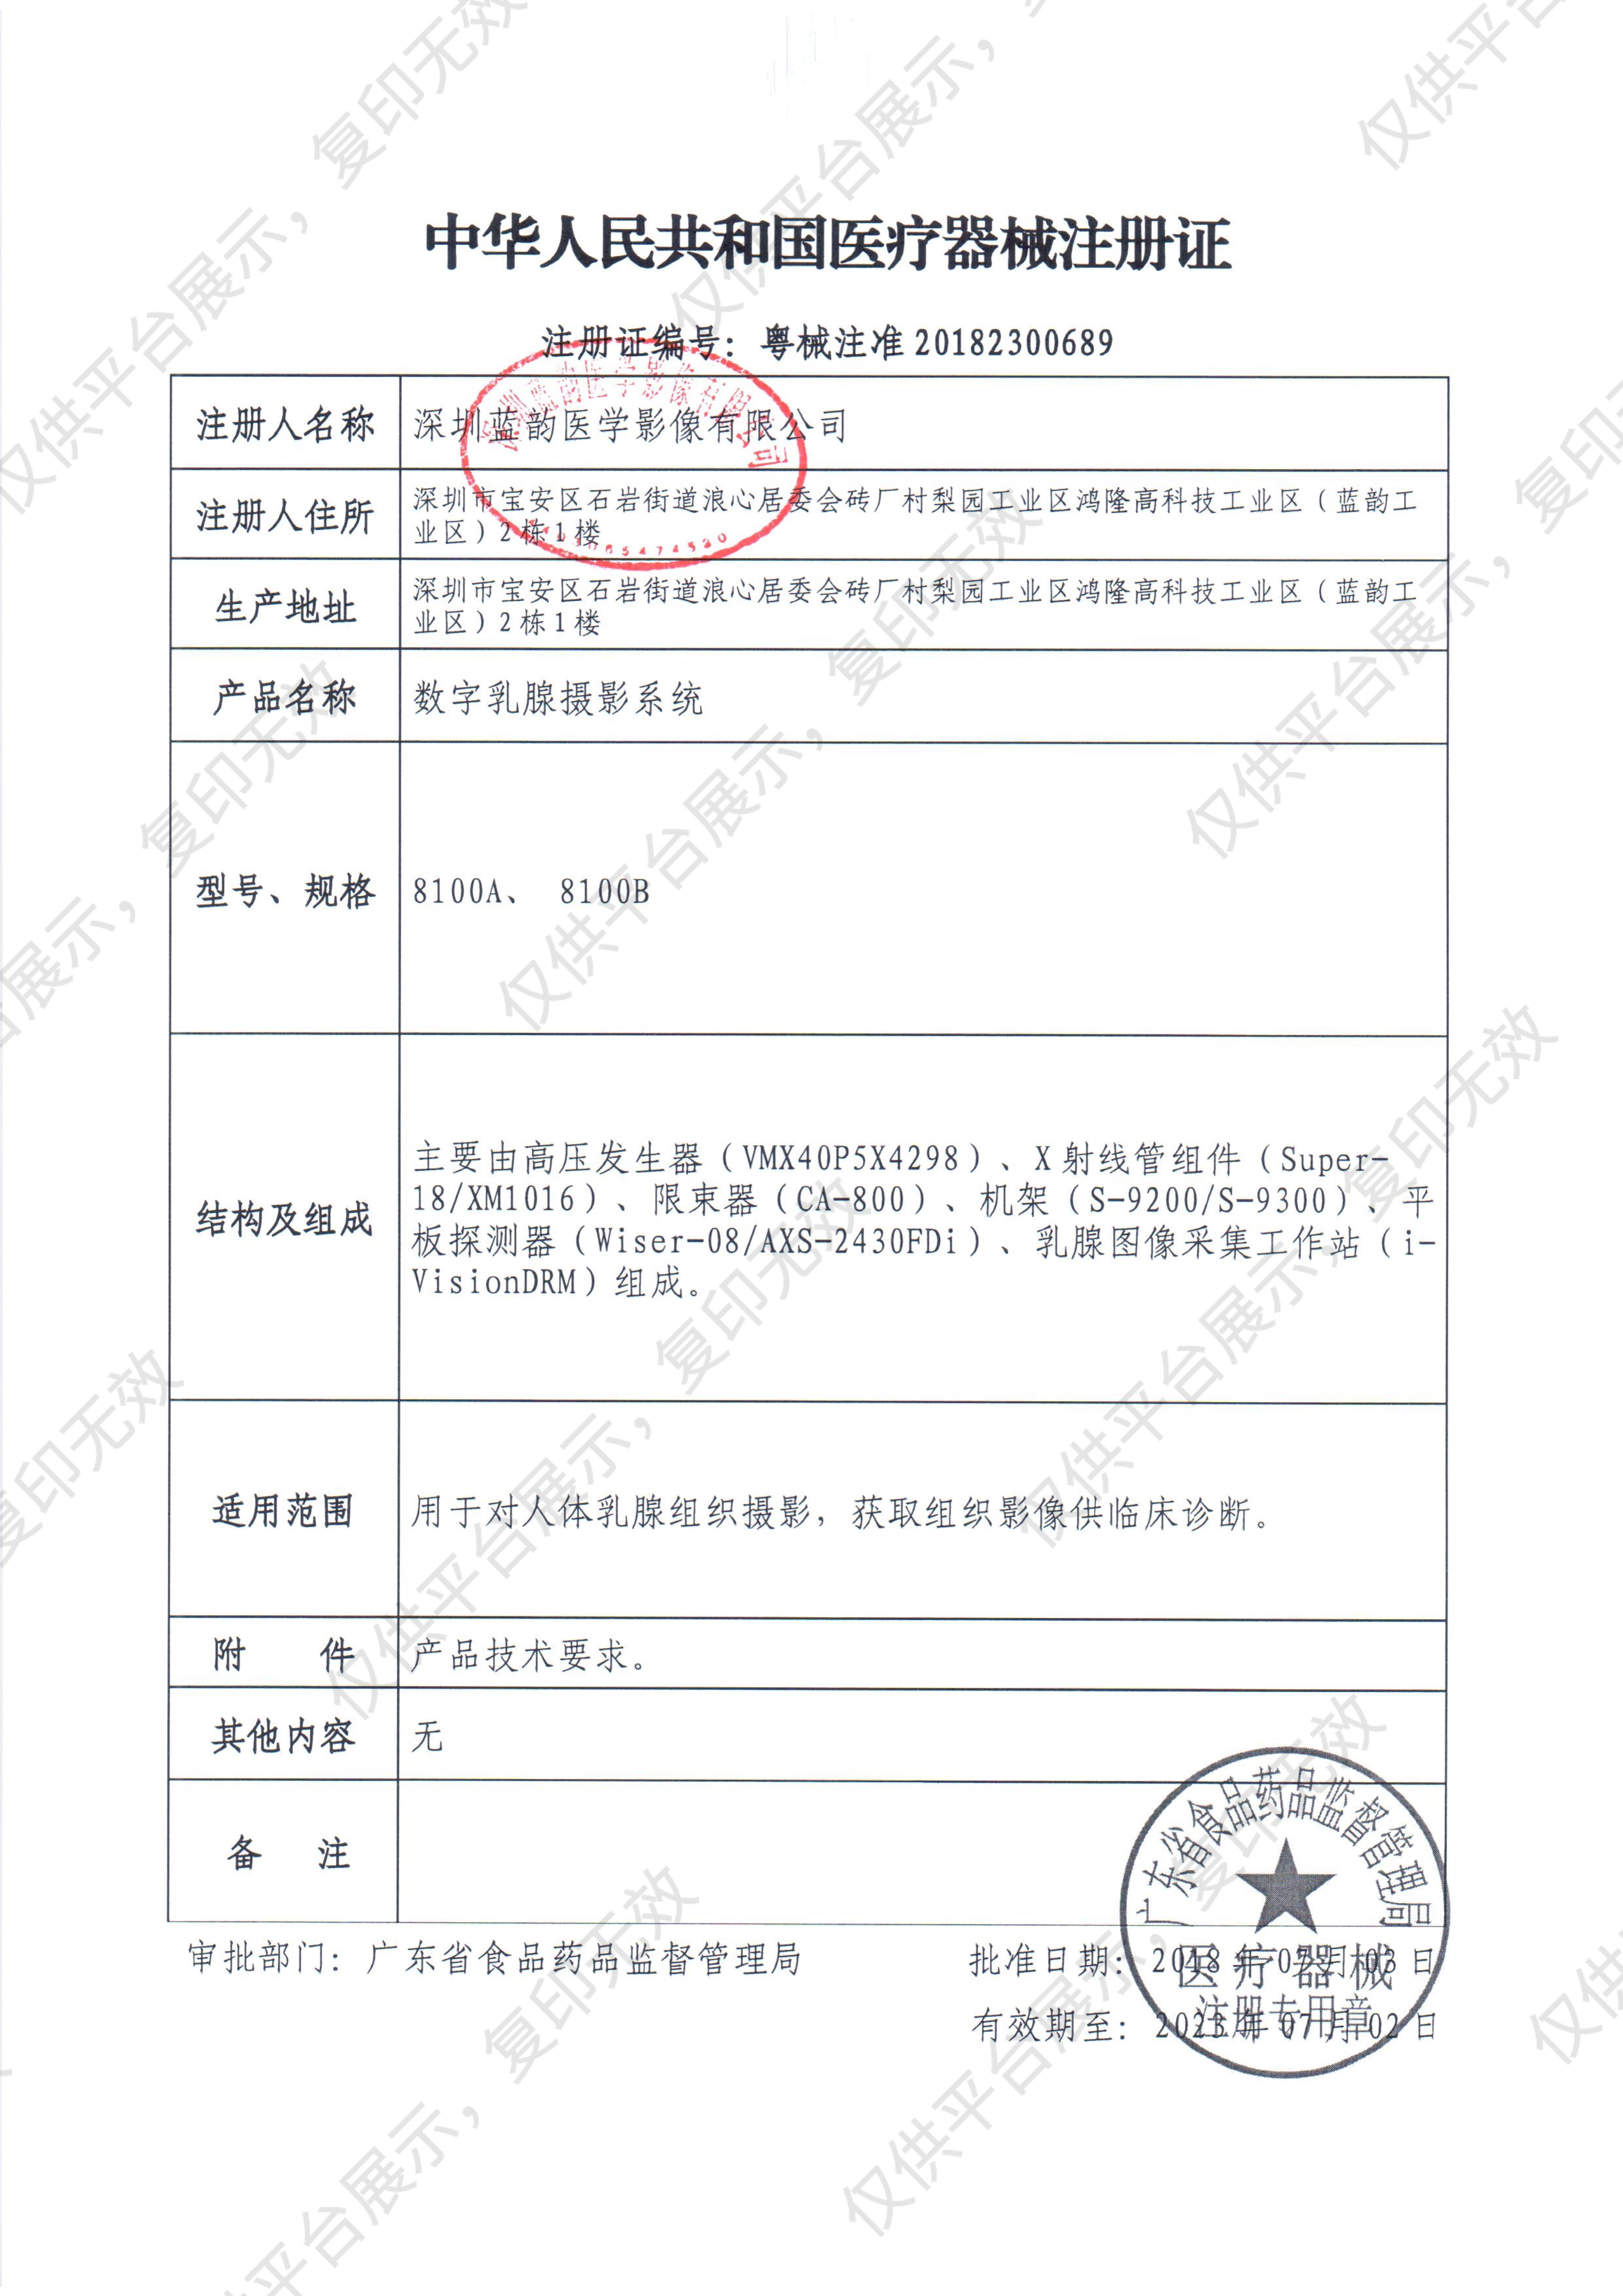 蓝韵LANDWIND 数字乳腺摄影系统 8100A注册证